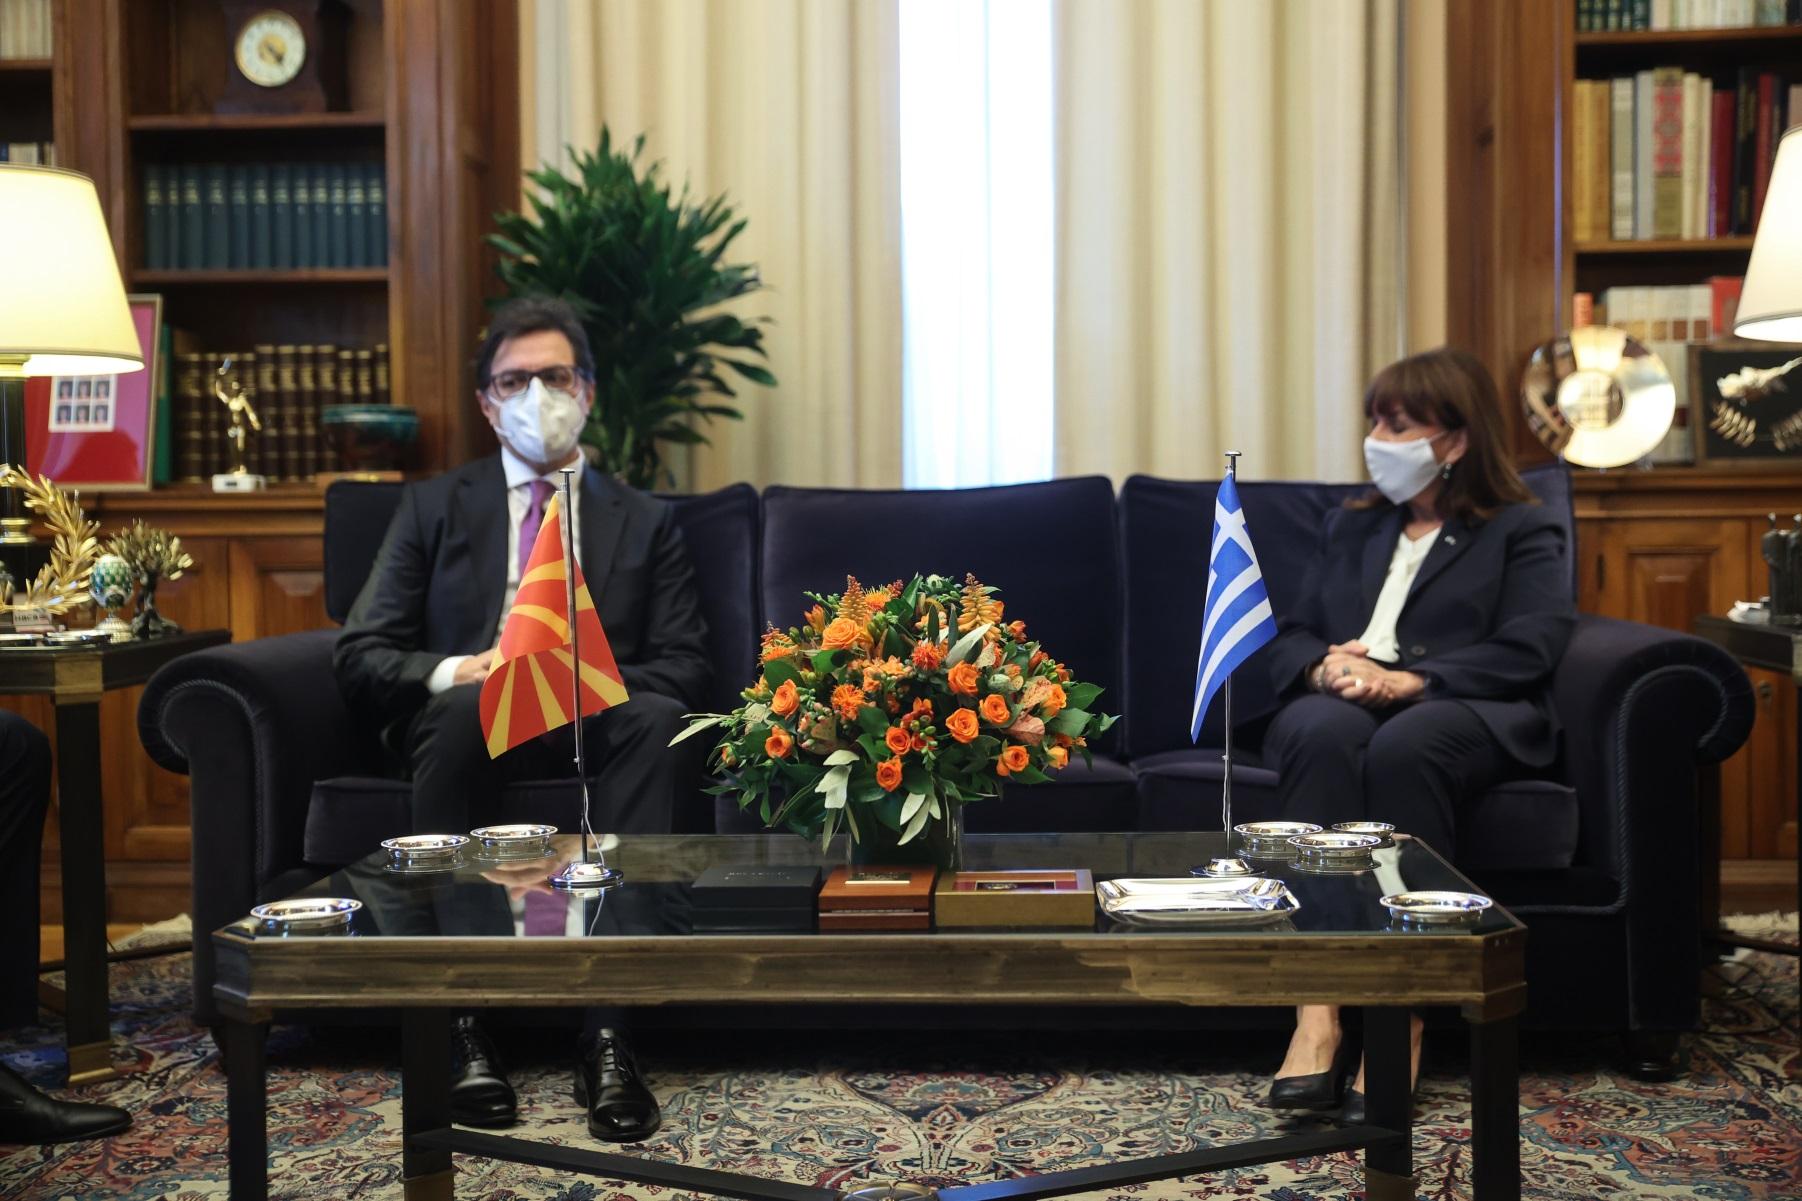 Κατερίνα Σακελλαροπούλου σε Στέβο Πενταρόφσκι για Συμφωνία Πρεσπών: Κρίσιμη η συνεπής τήρησή της